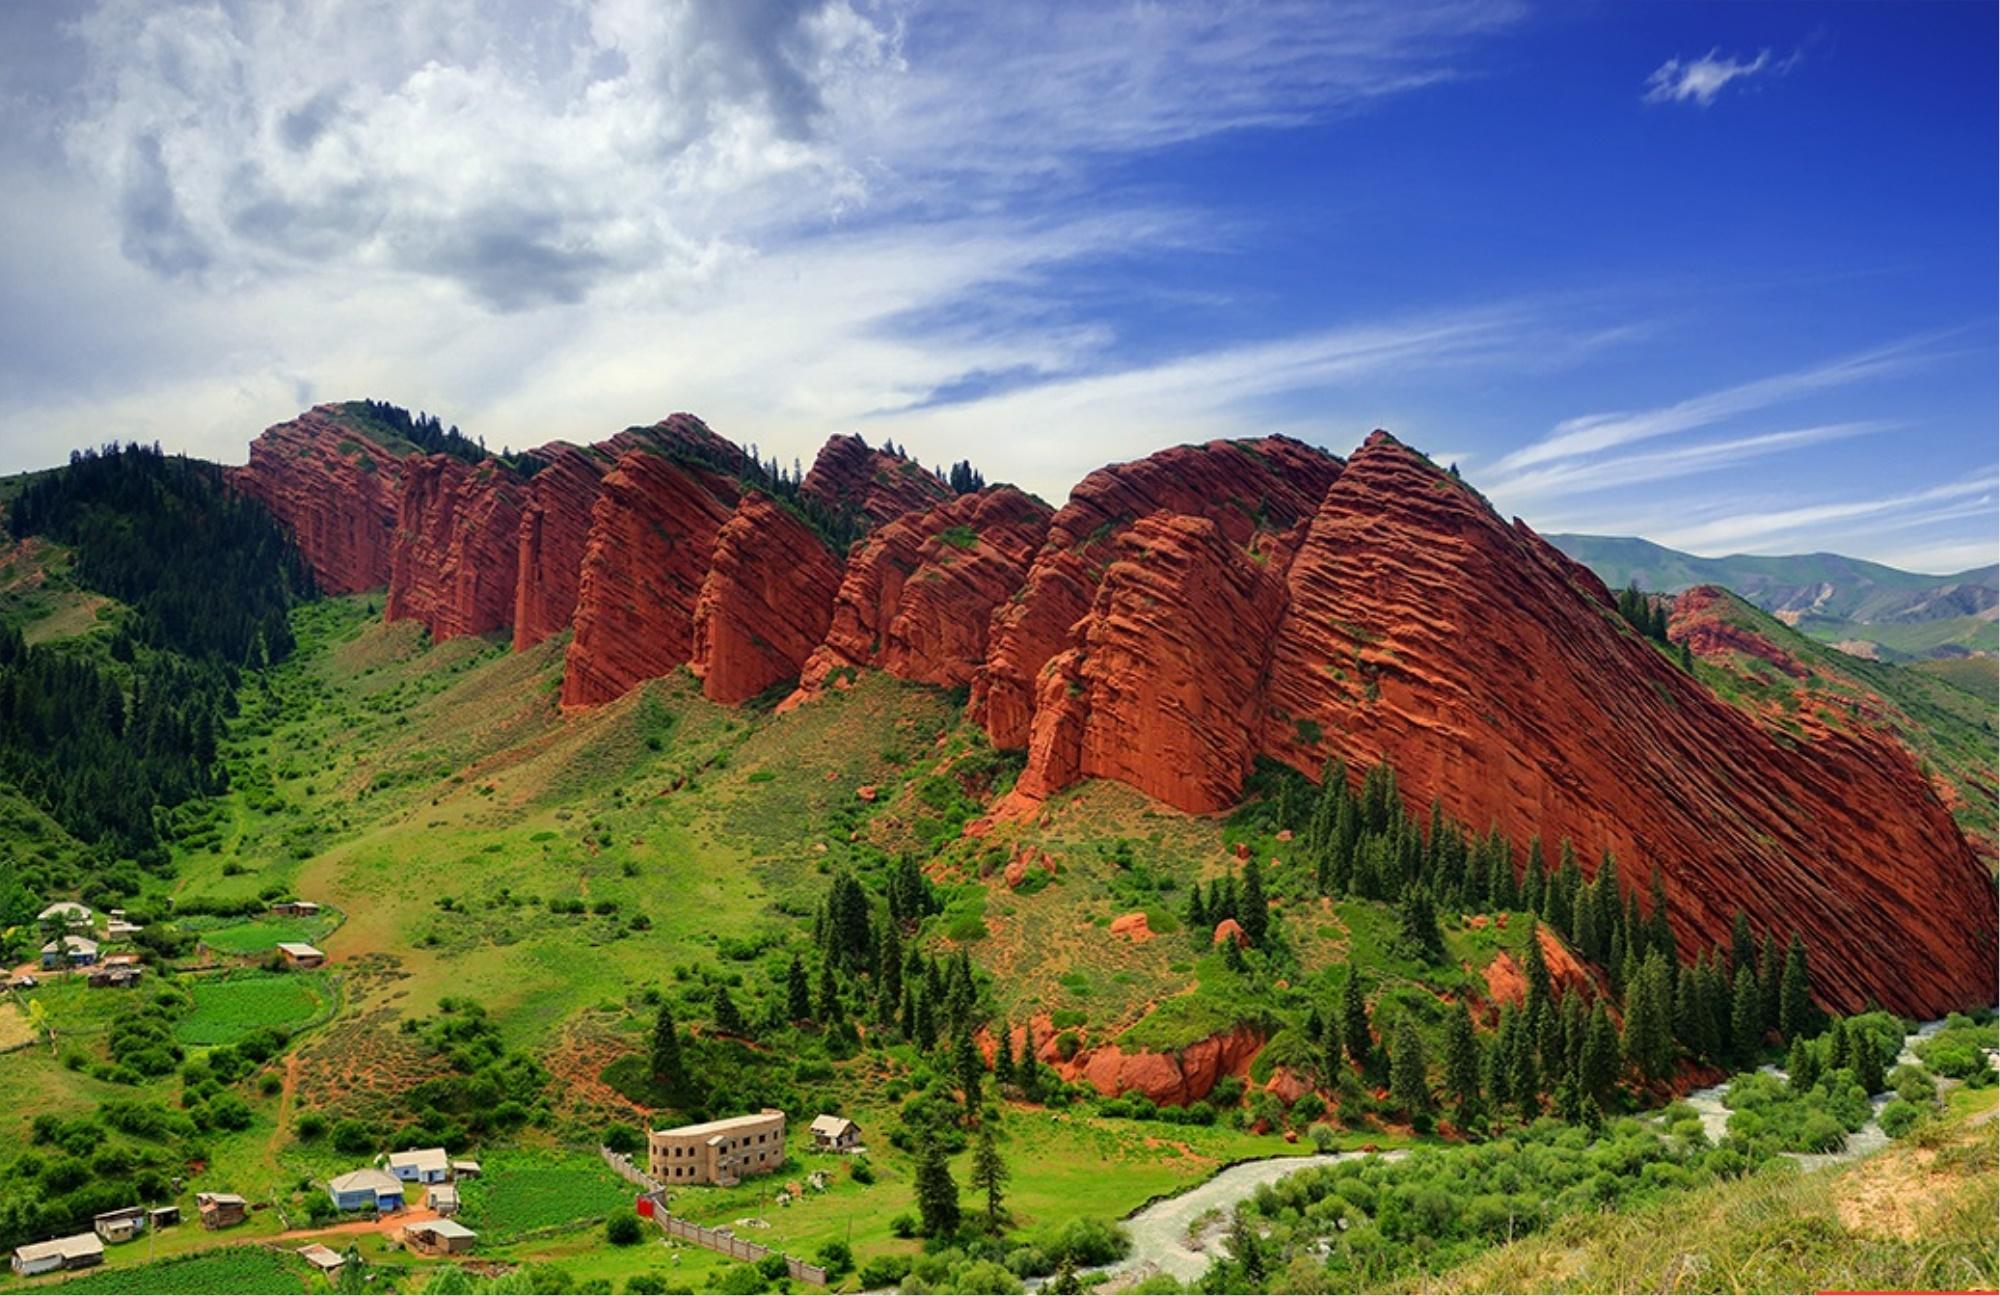 Топ-5 мест, которые обязательно стоит посетить даже в коротком путешествии по Киргизии